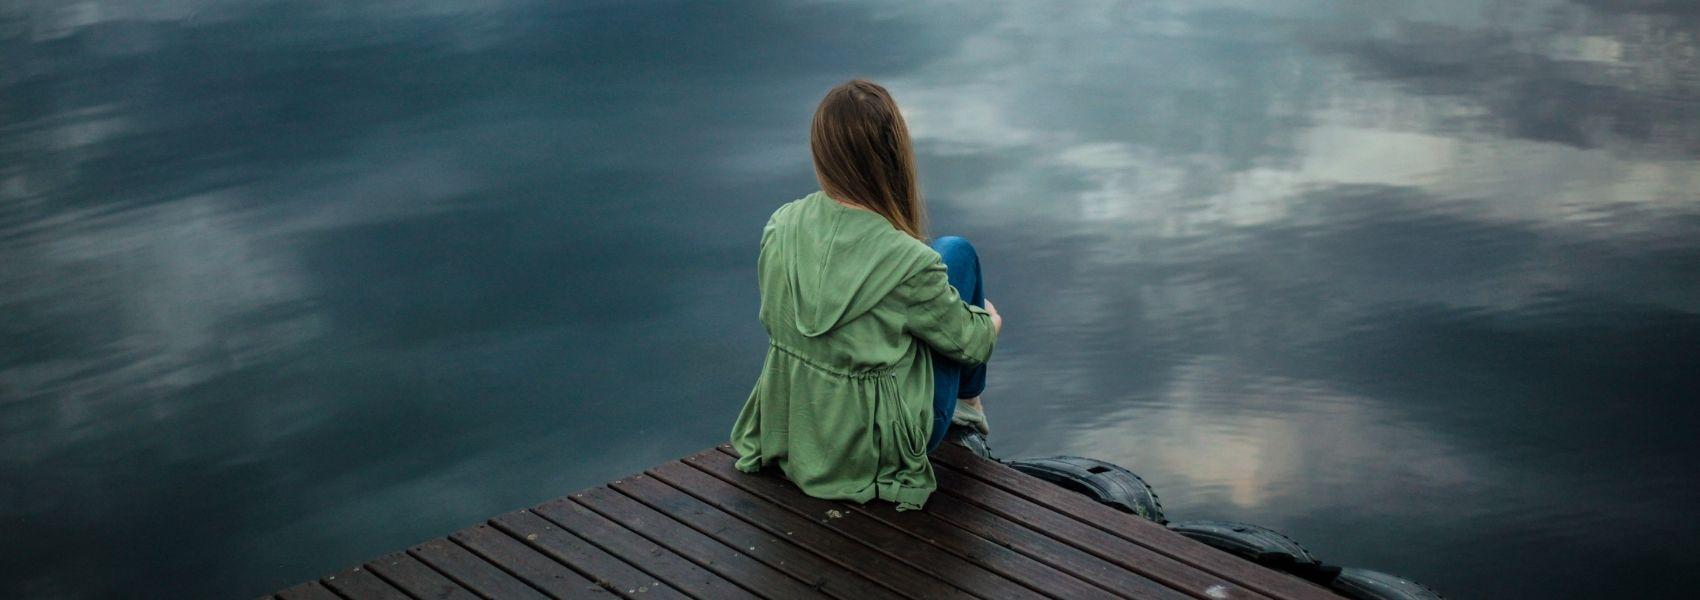 Depressão e ansiedade são mais comuns na insuficiência cardíaca do que no cancro